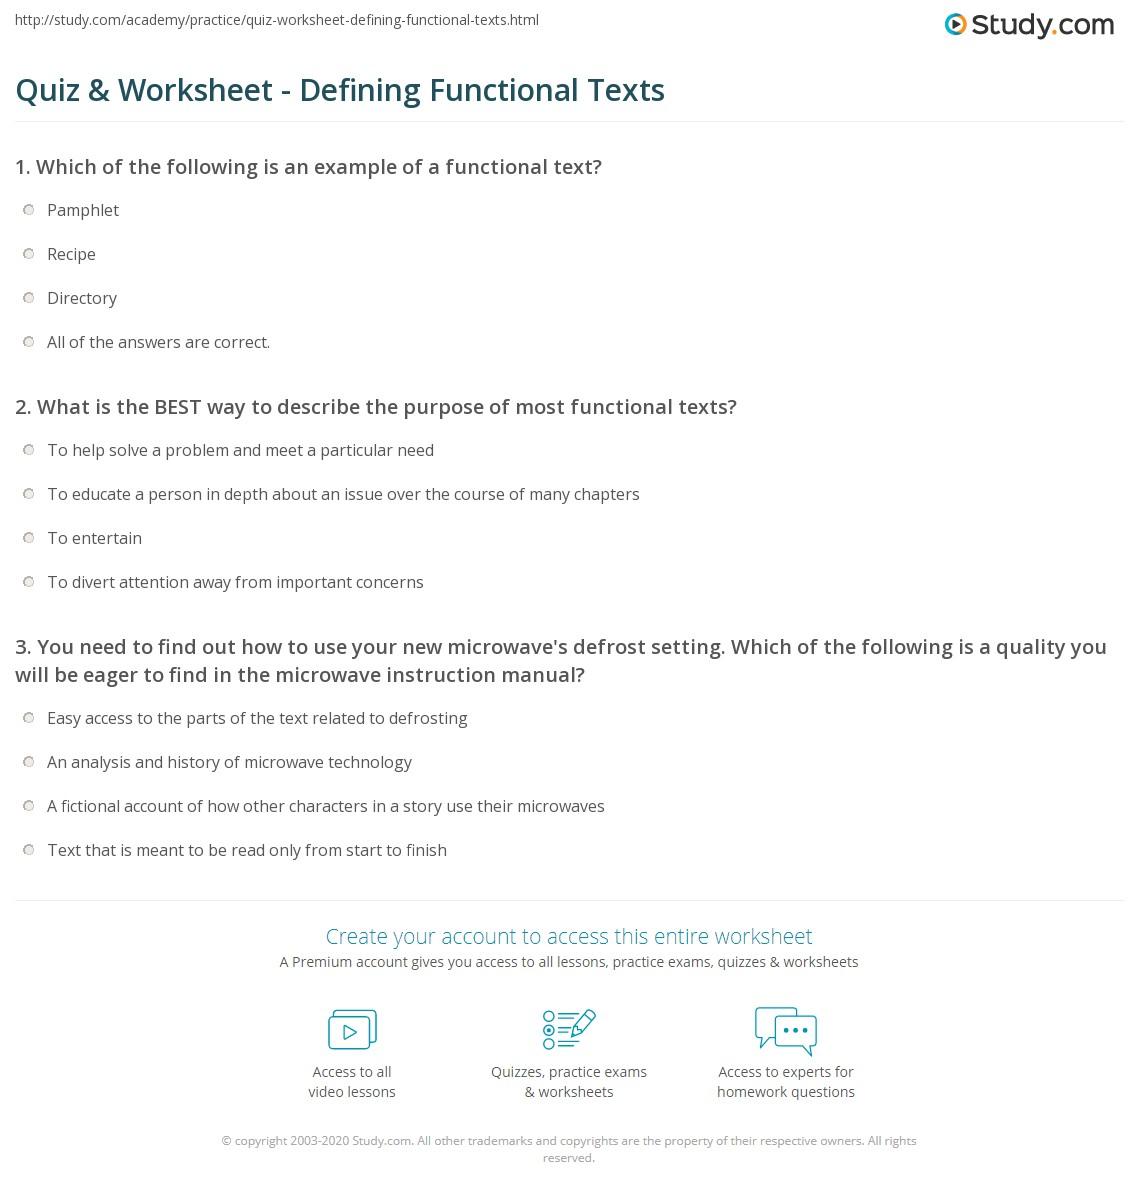 Quiz W Ksheet Def G Functi L Texts Study